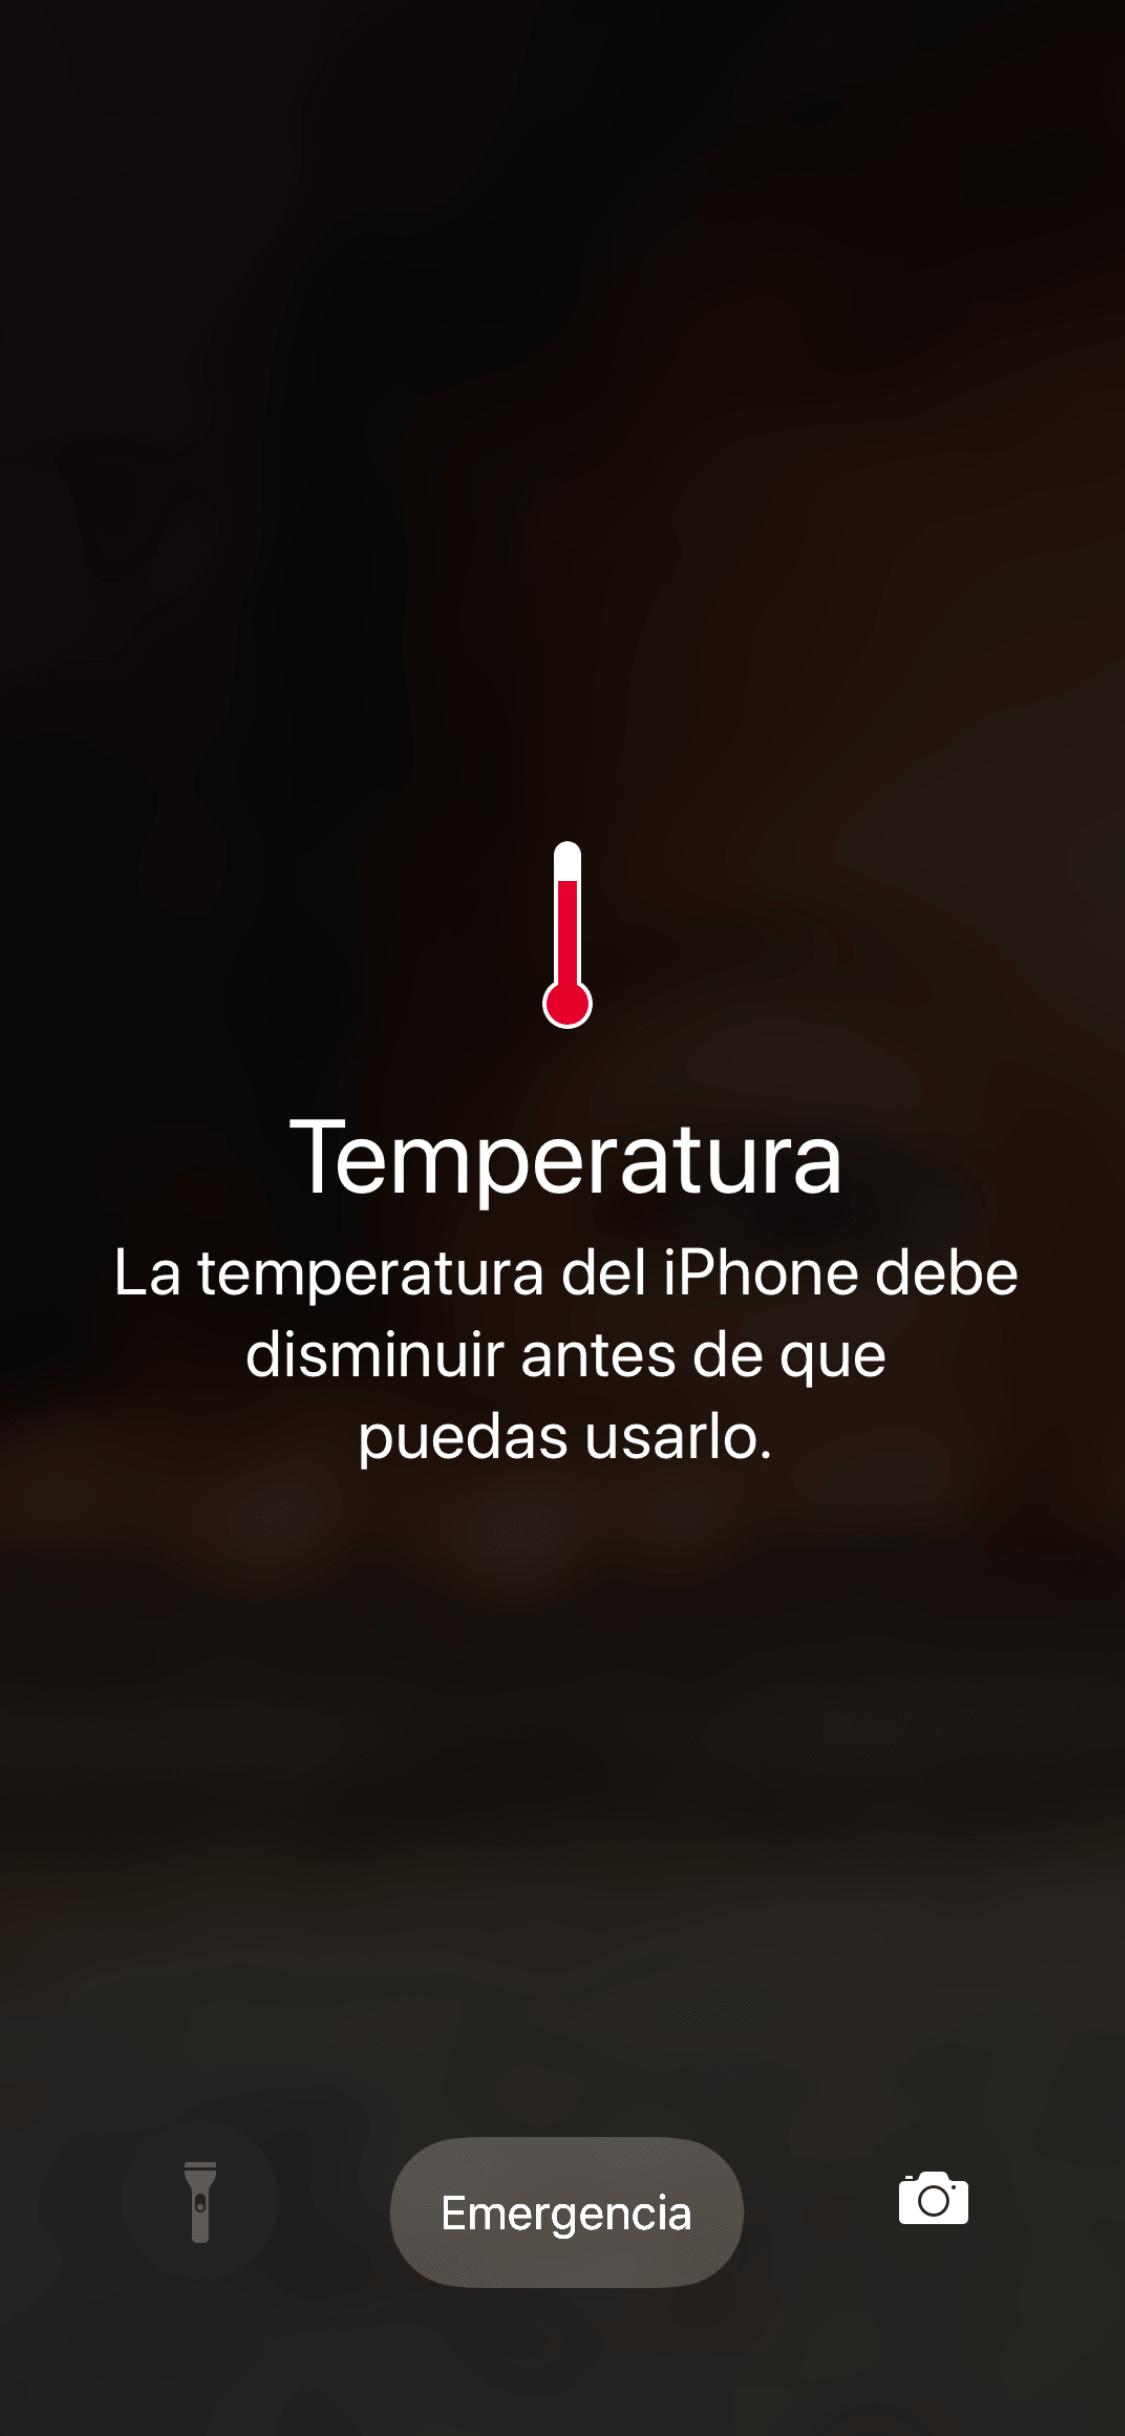 Temperatura del Iphone en Death Valley